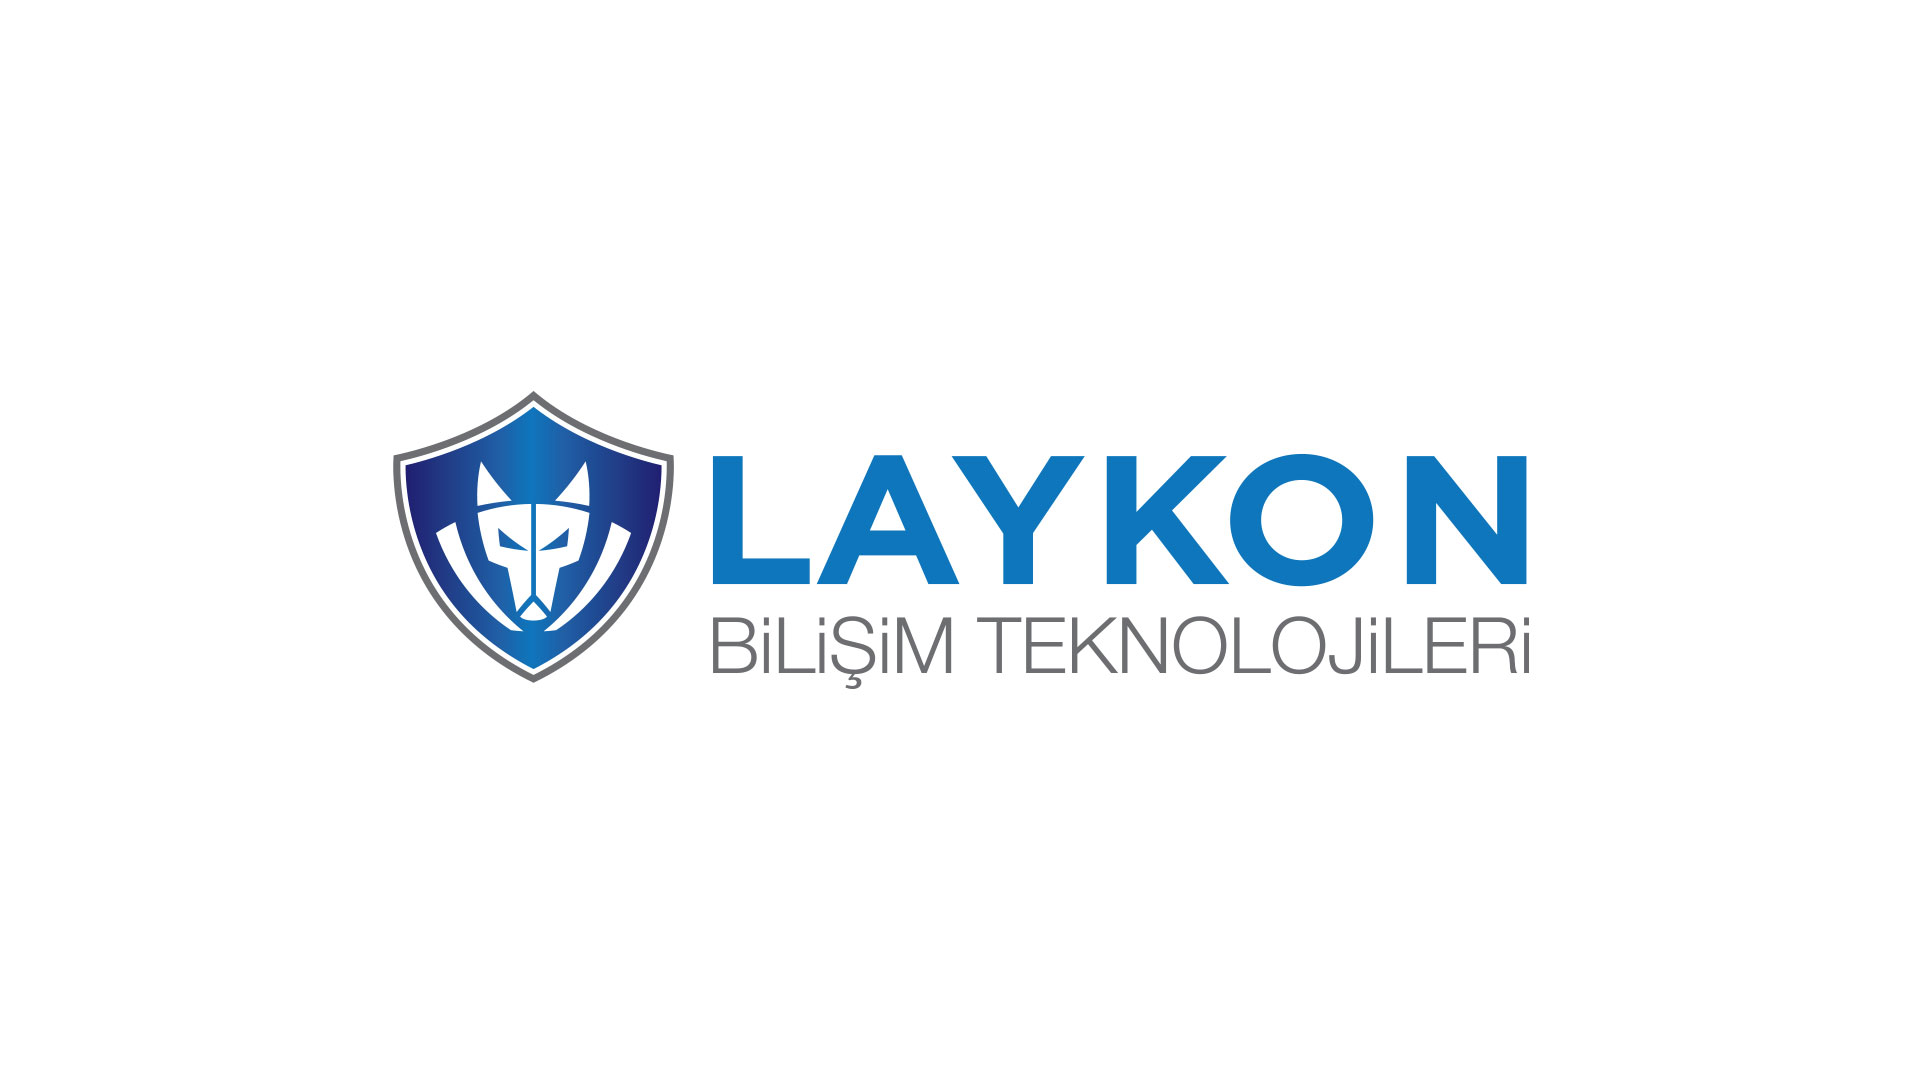 LAYKON Bilişim Teknolojileri